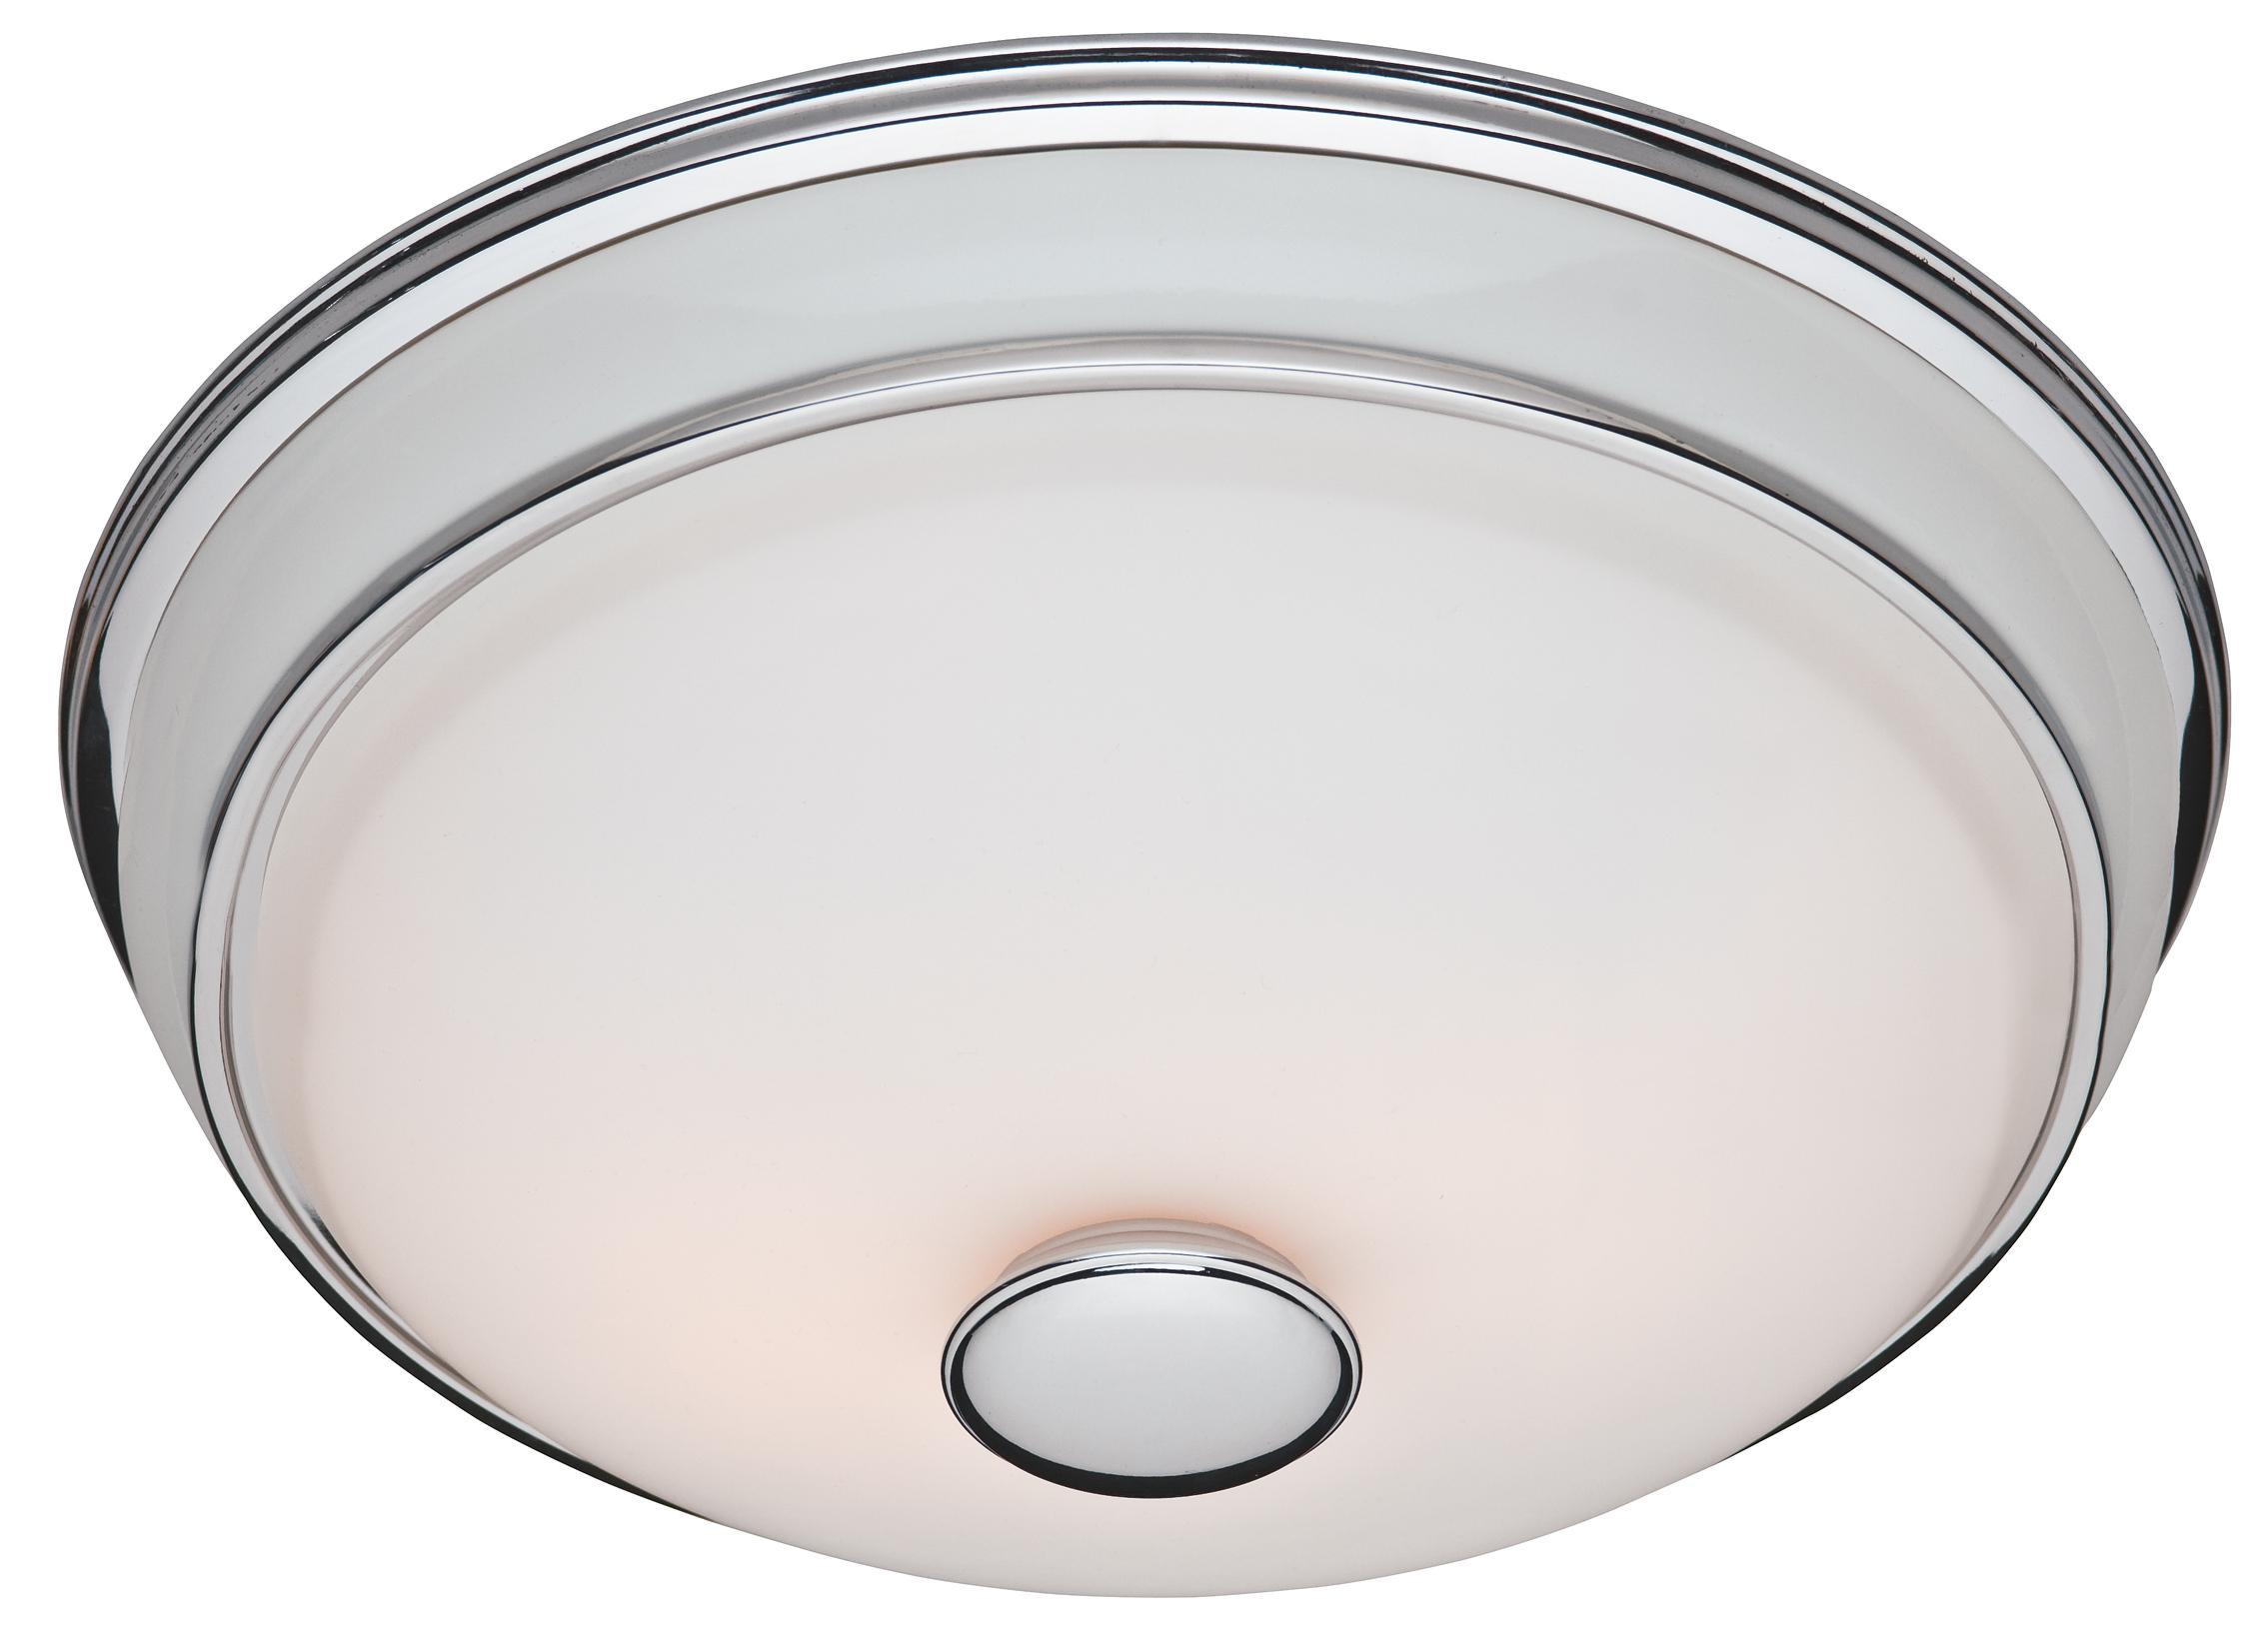 nutone bathroom fans wiring diagram fan  nutone  get free